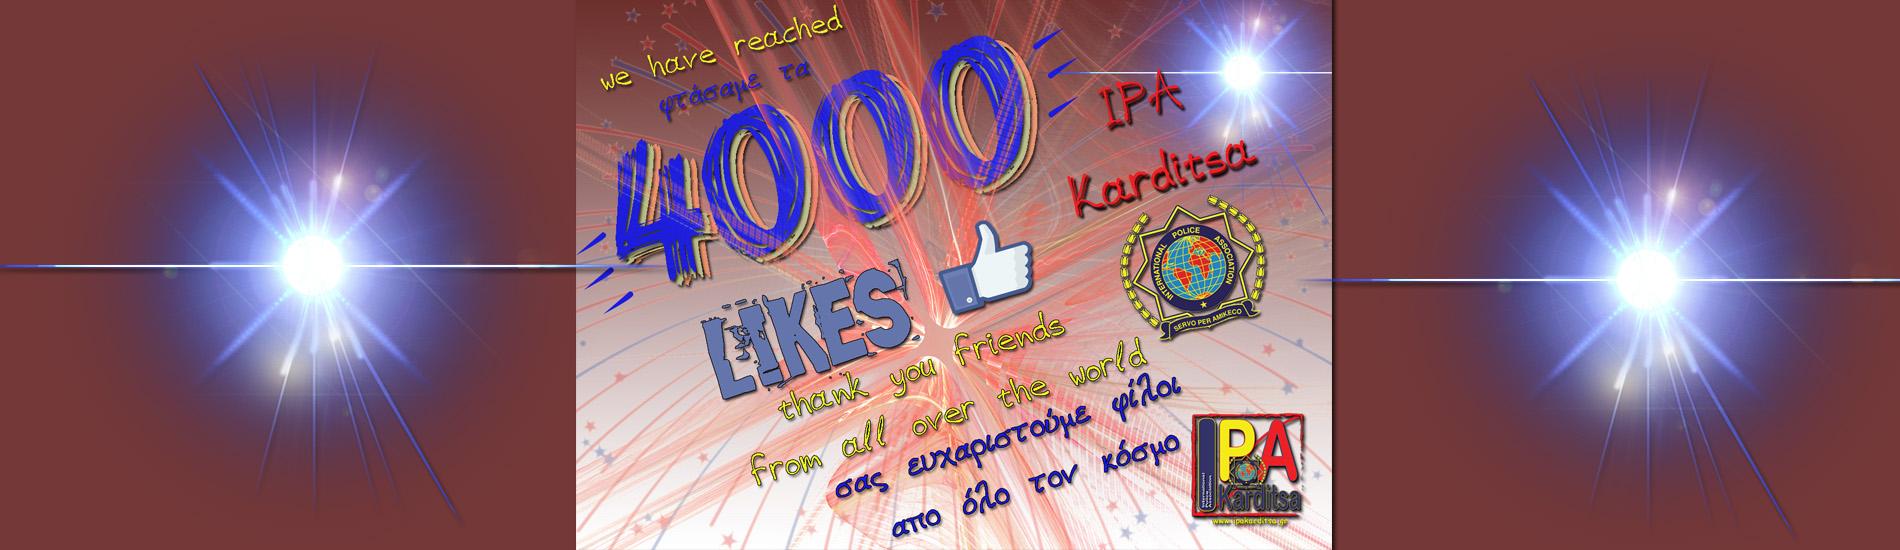 4.000 ψηφιακοί φίλοι 👍